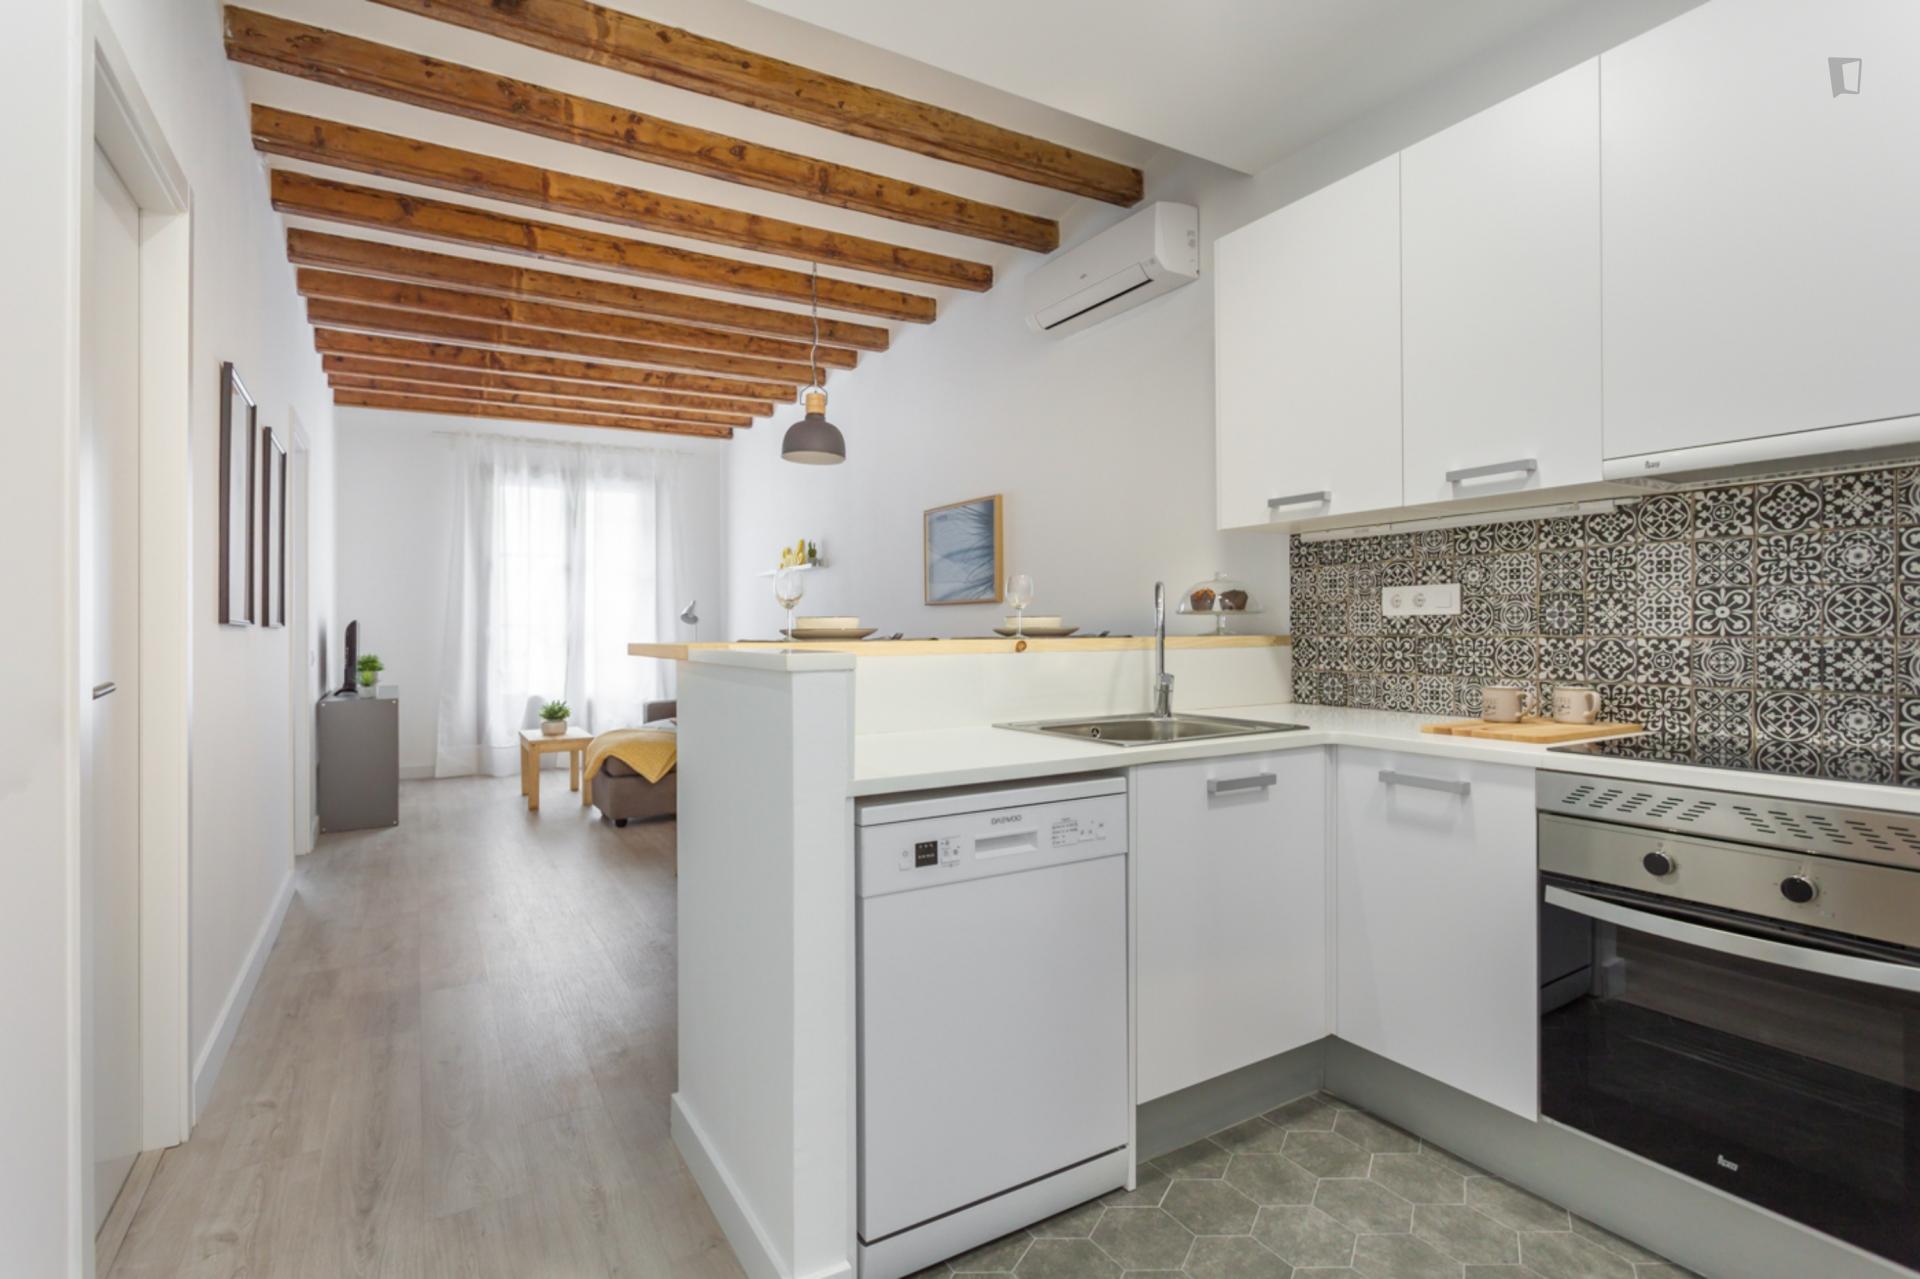 Paloma 3 - Precioso piso amueblado para expats en Barcelona